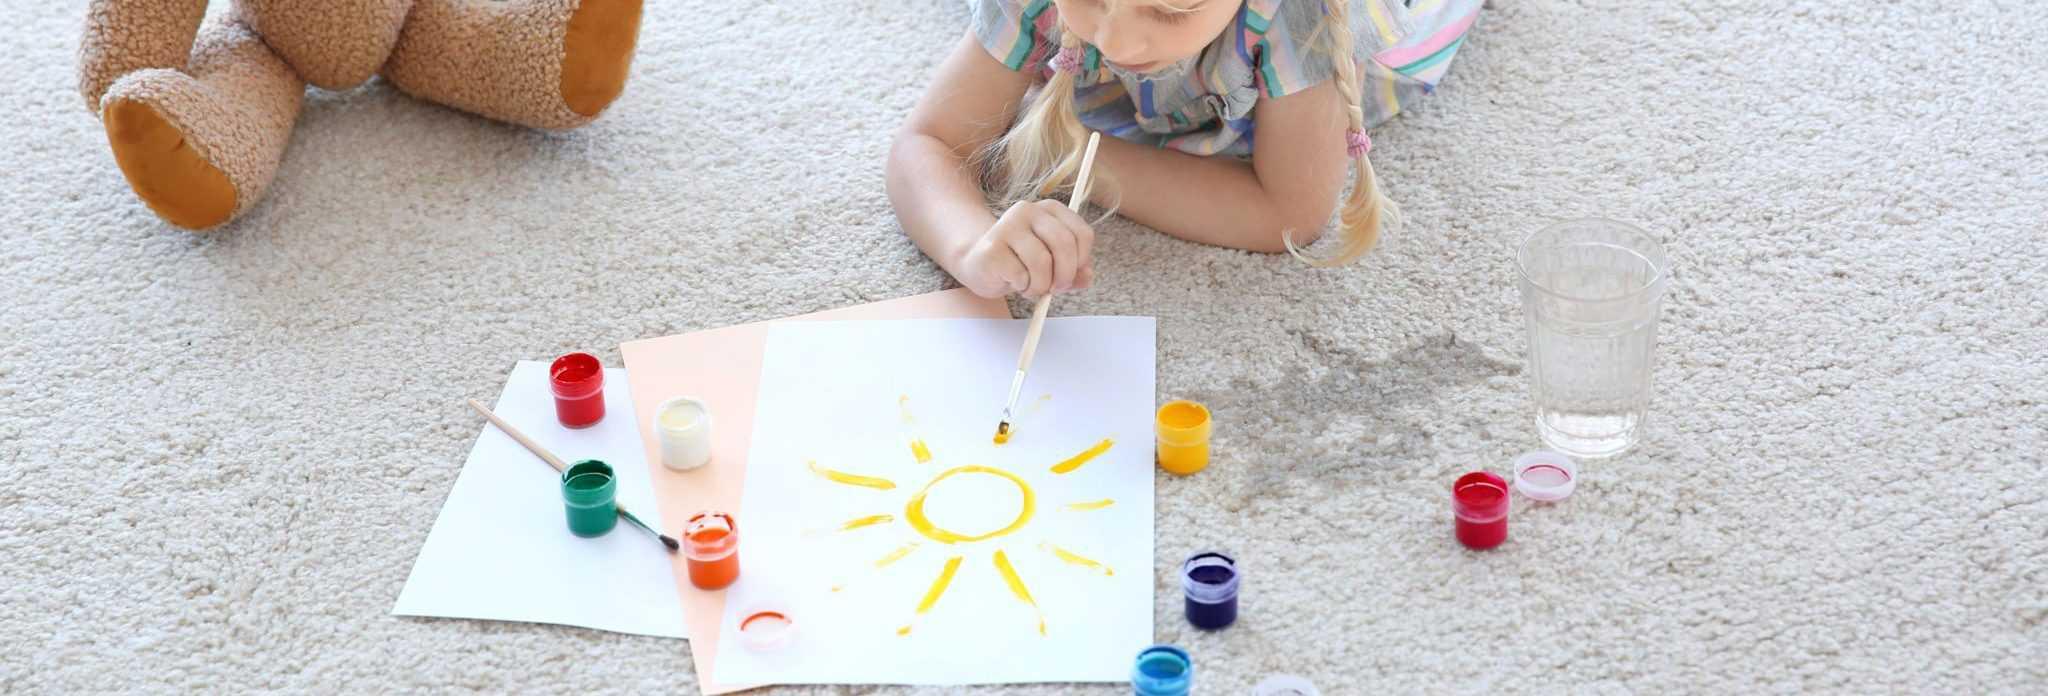 Top 10 des utilisations du WD-40 pour jeux et matériels pour enfants